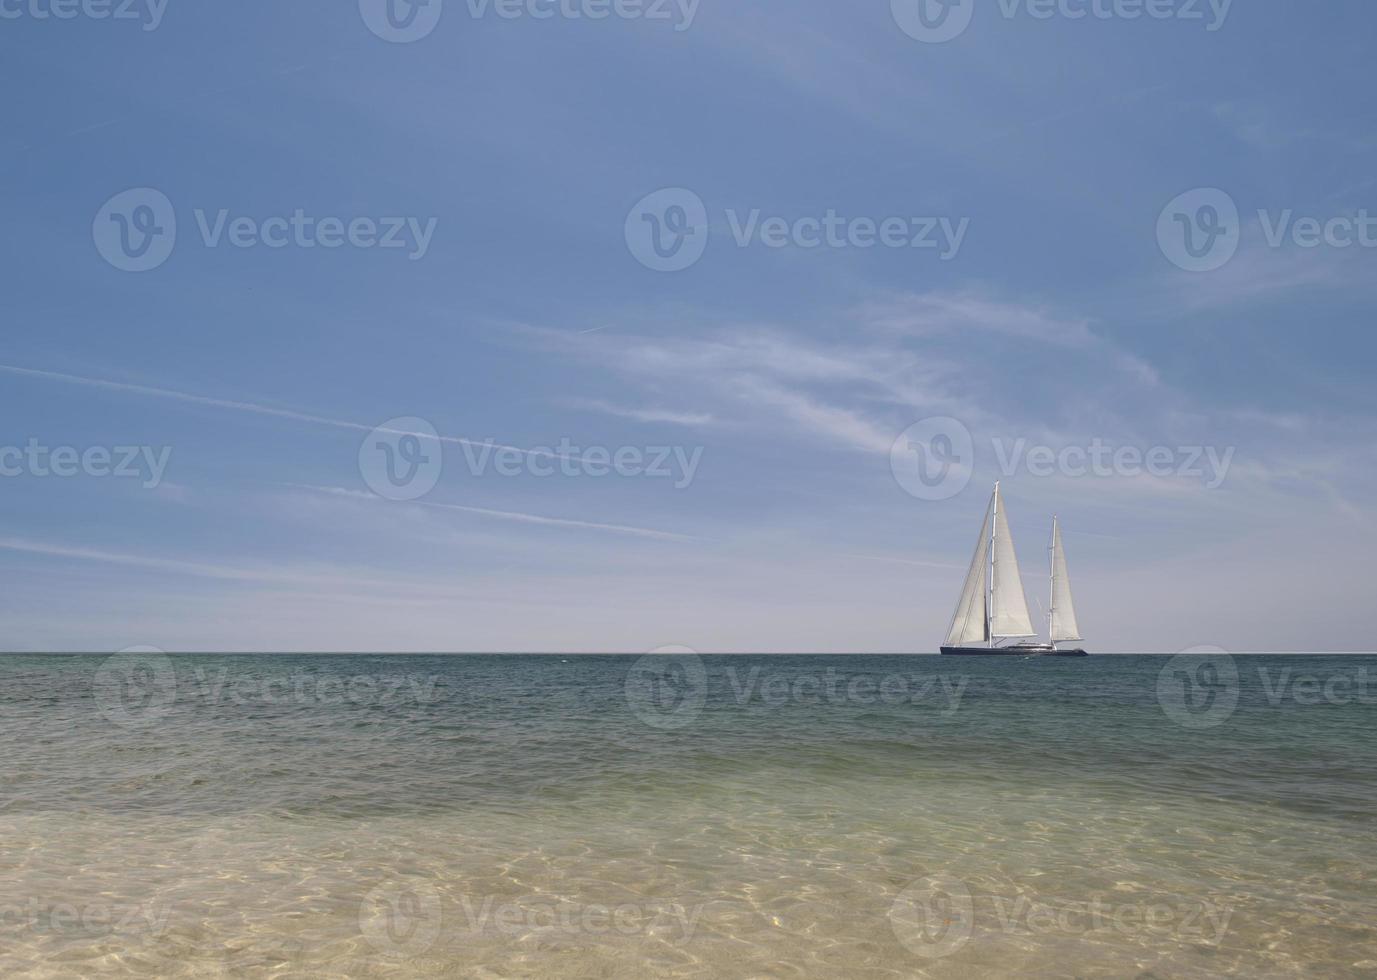 férias em veleiro foto